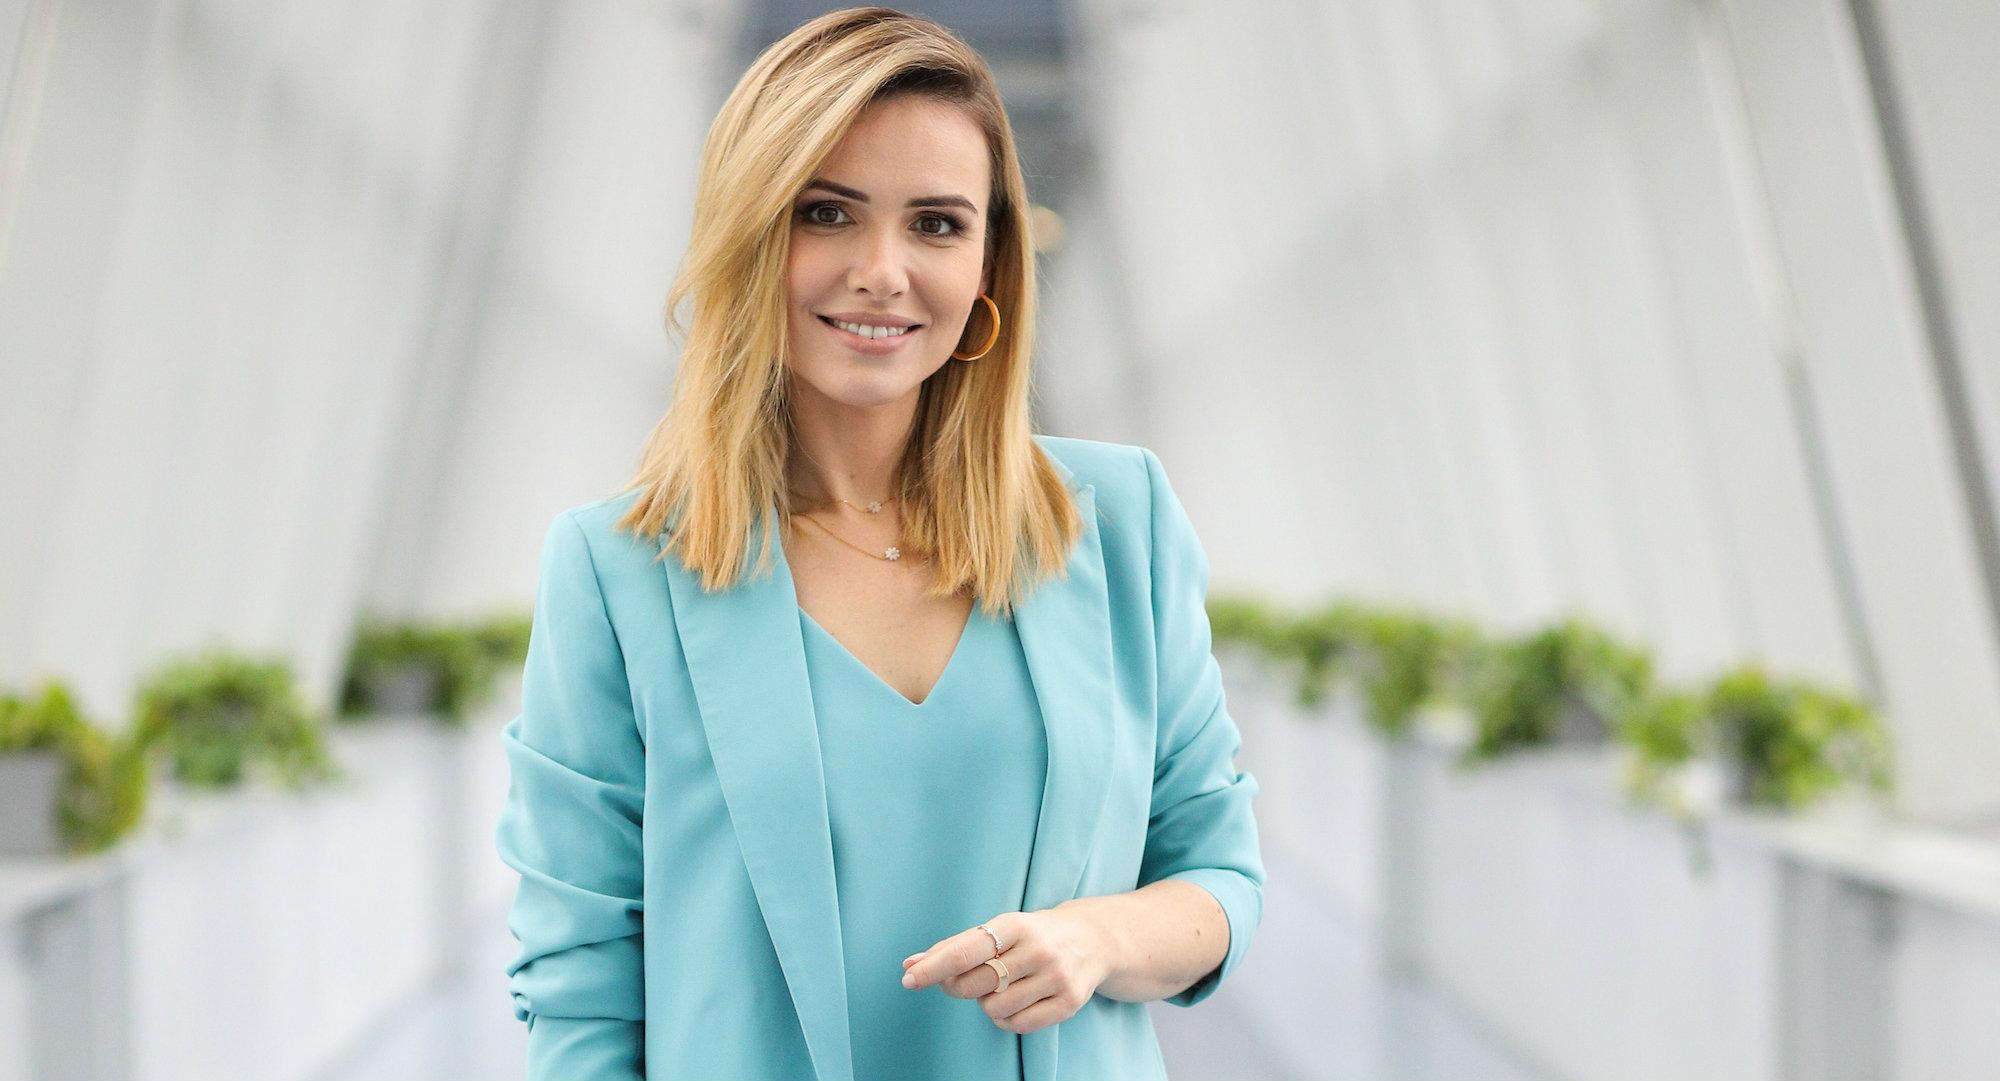 Marta Trzebiatowska